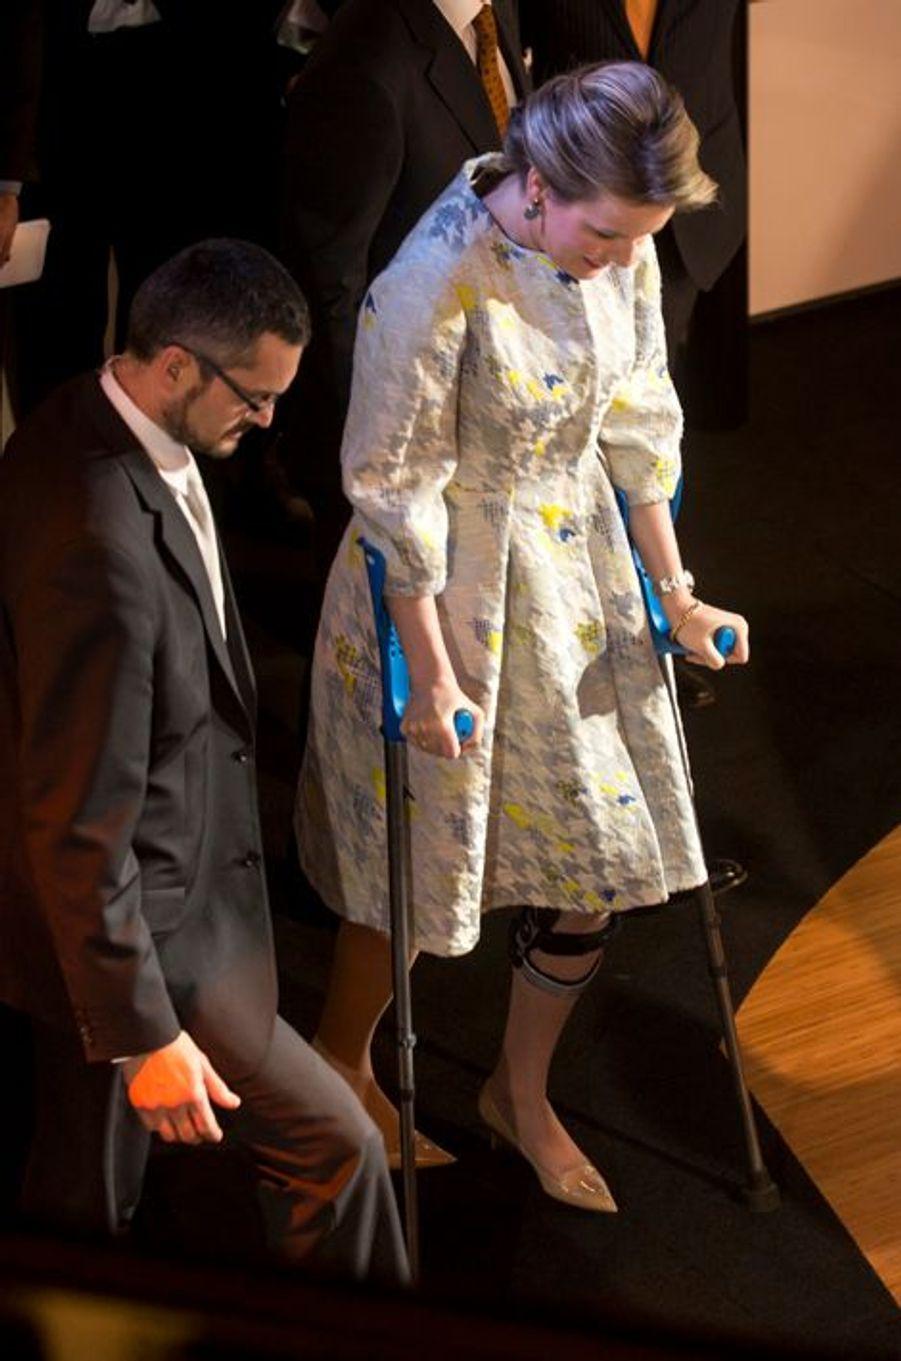 La reine Mathilde de Belgique visite les studios de la RTBF à Bruxelles, le 19 mars 2015